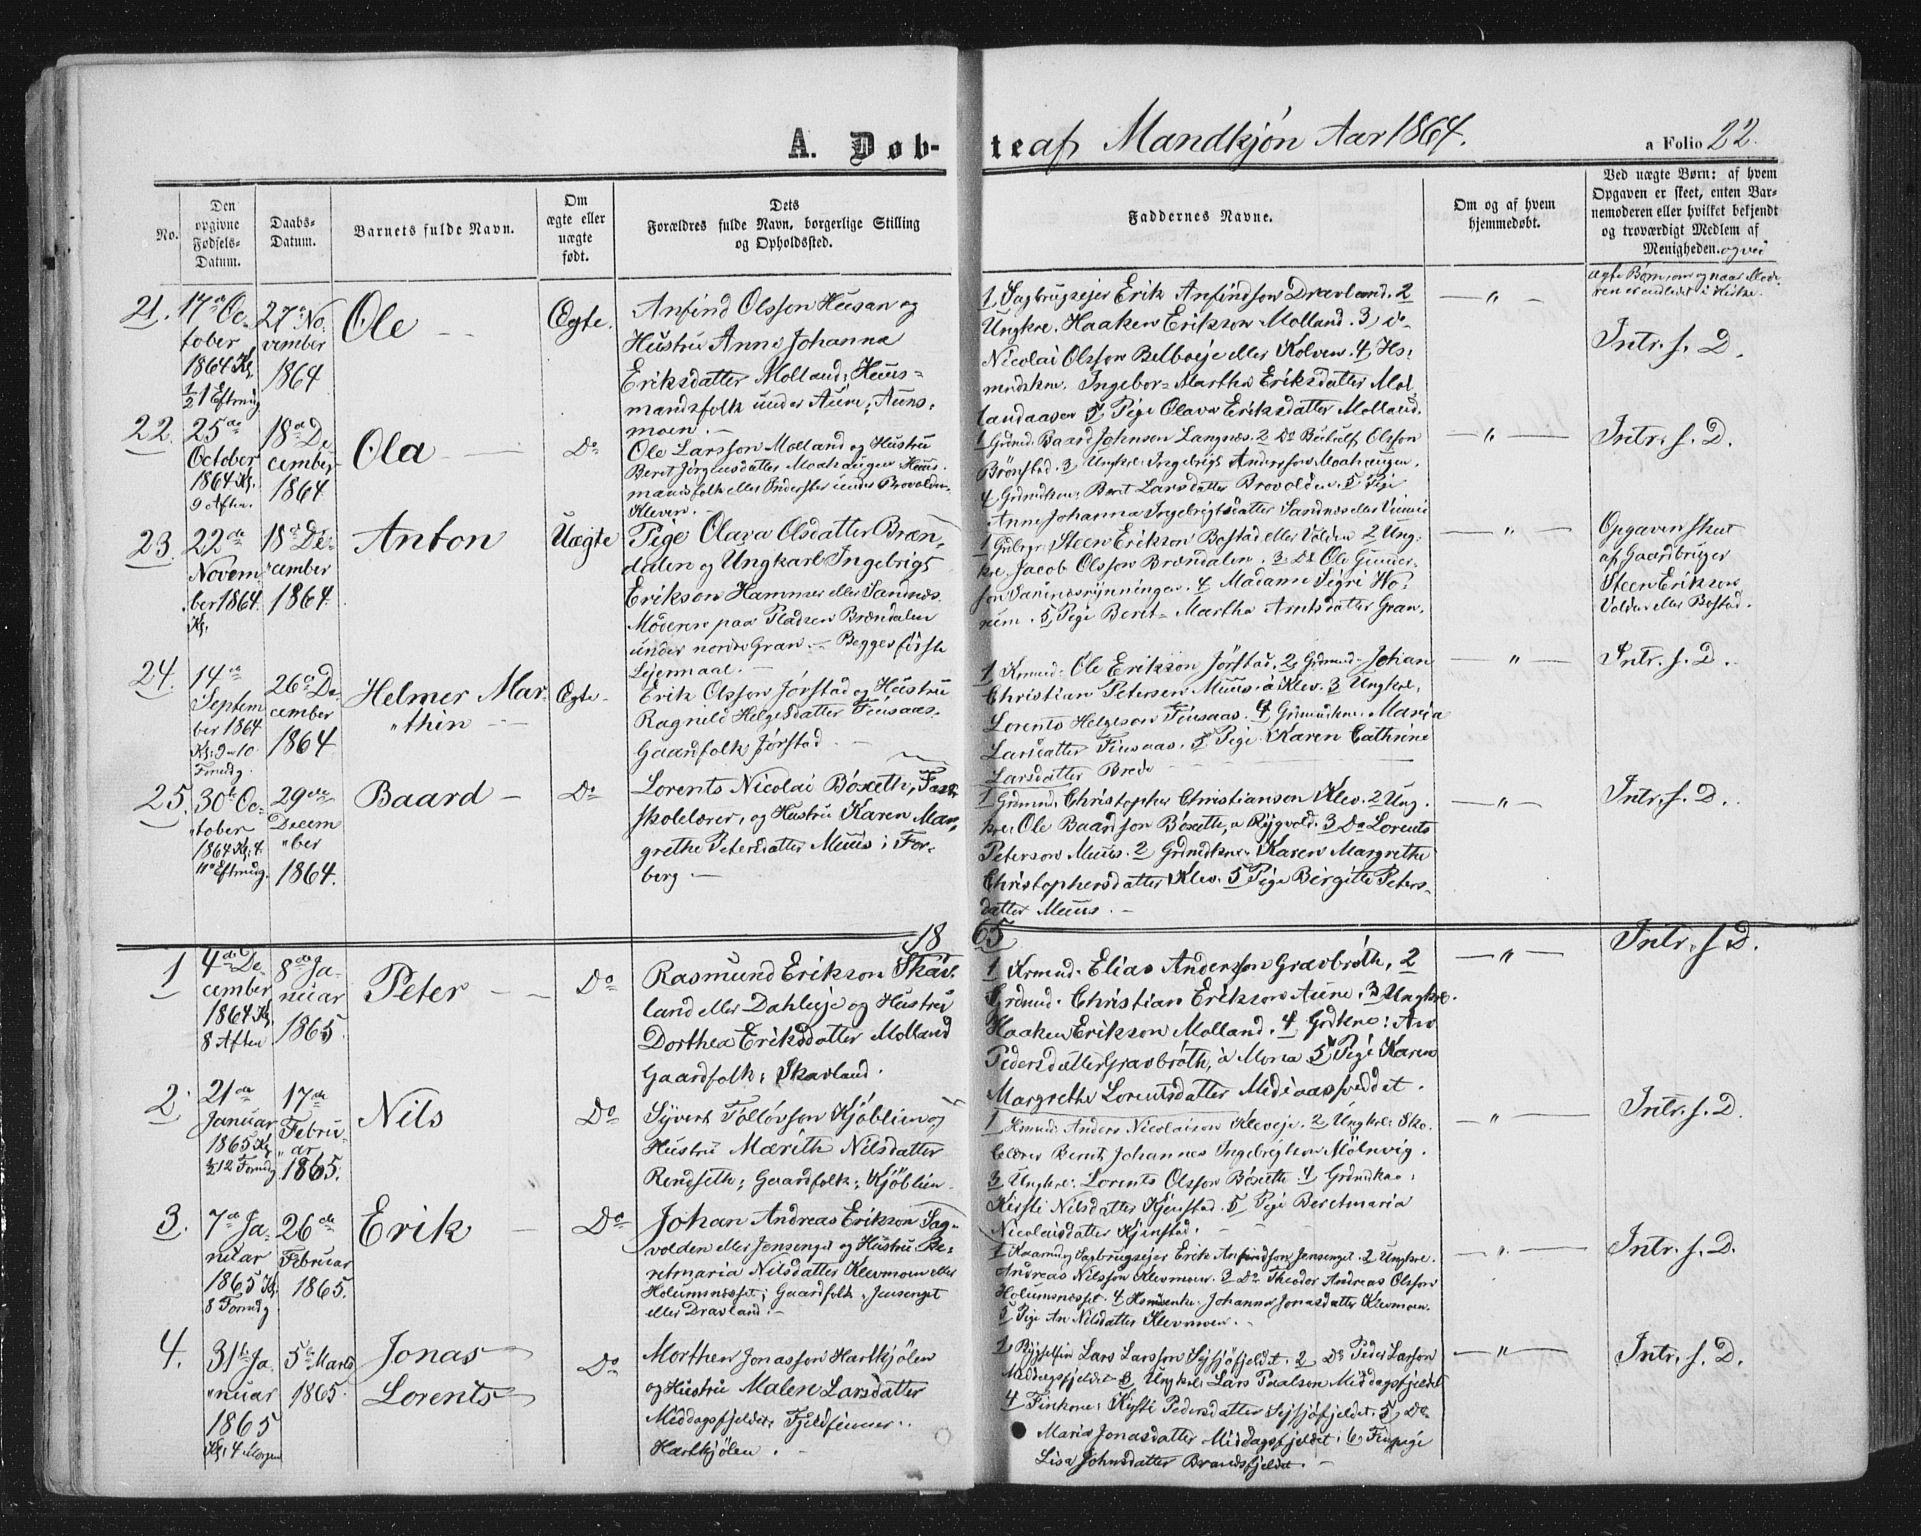 SAT, Ministerialprotokoller, klokkerbøker og fødselsregistre - Nord-Trøndelag, 749/L0472: Ministerialbok nr. 749A06, 1857-1873, s. 22